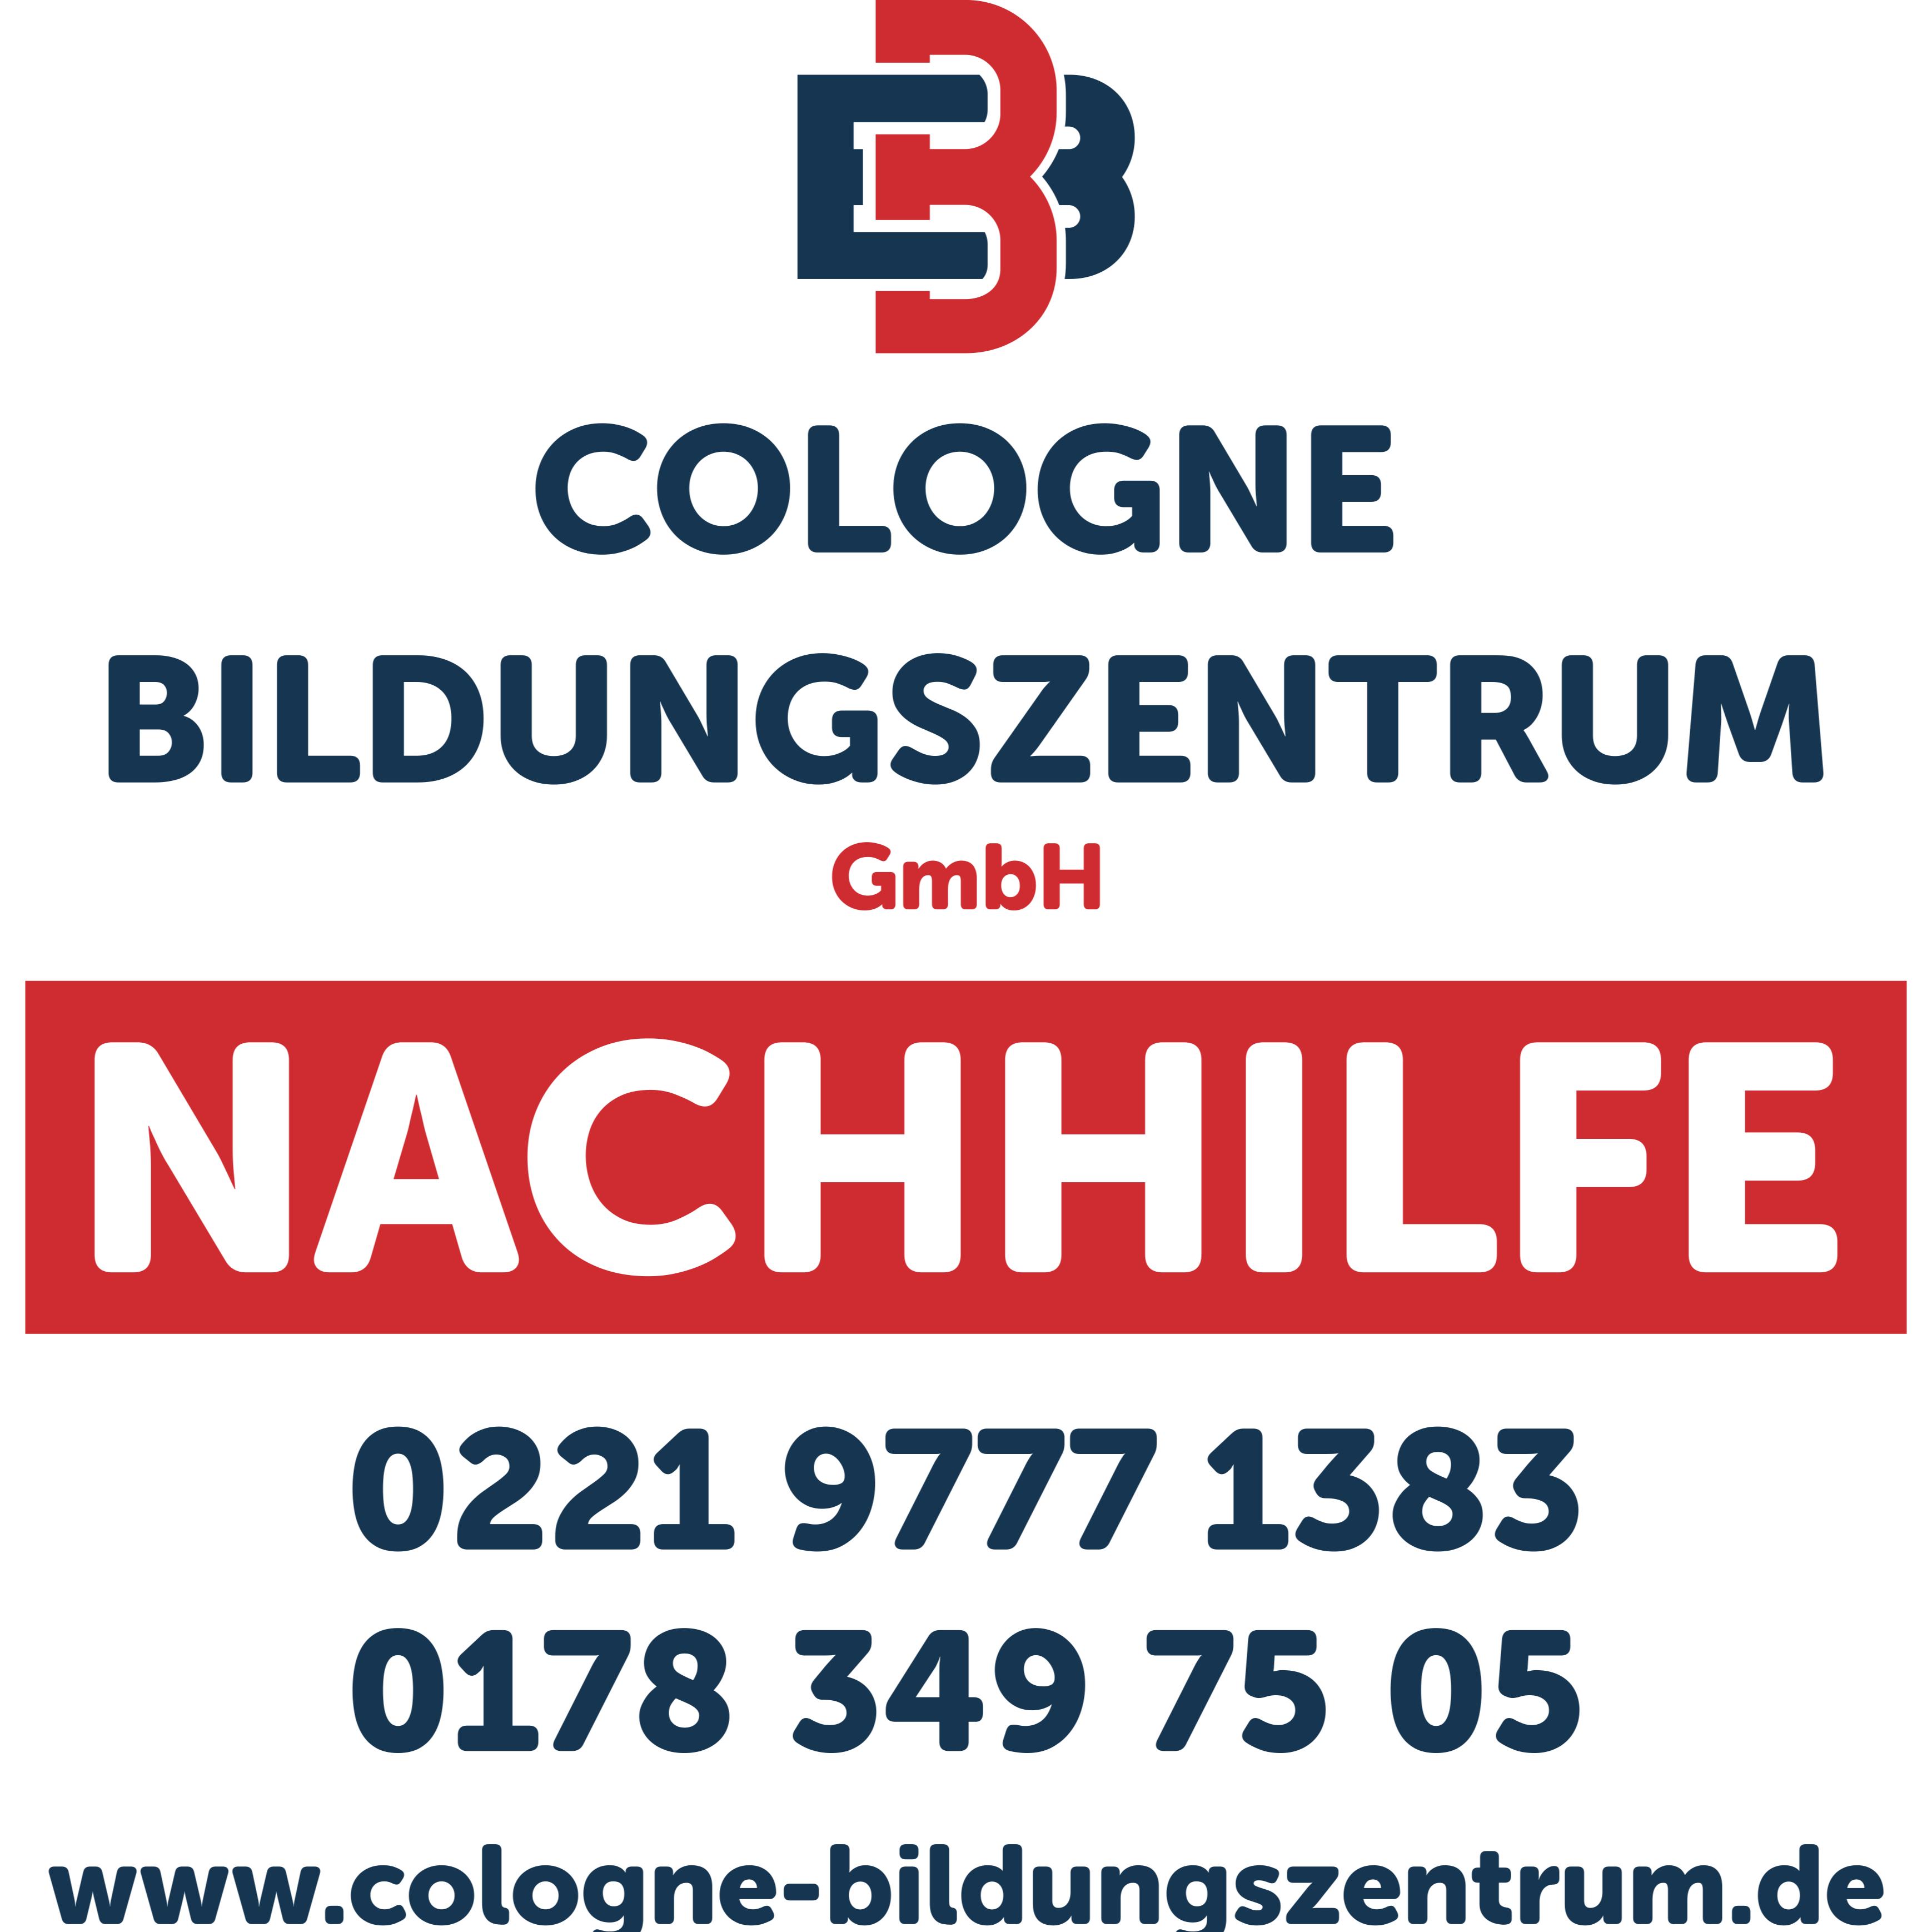 Bild zu BB Cologne Bildungszentrum GmbH in Köln